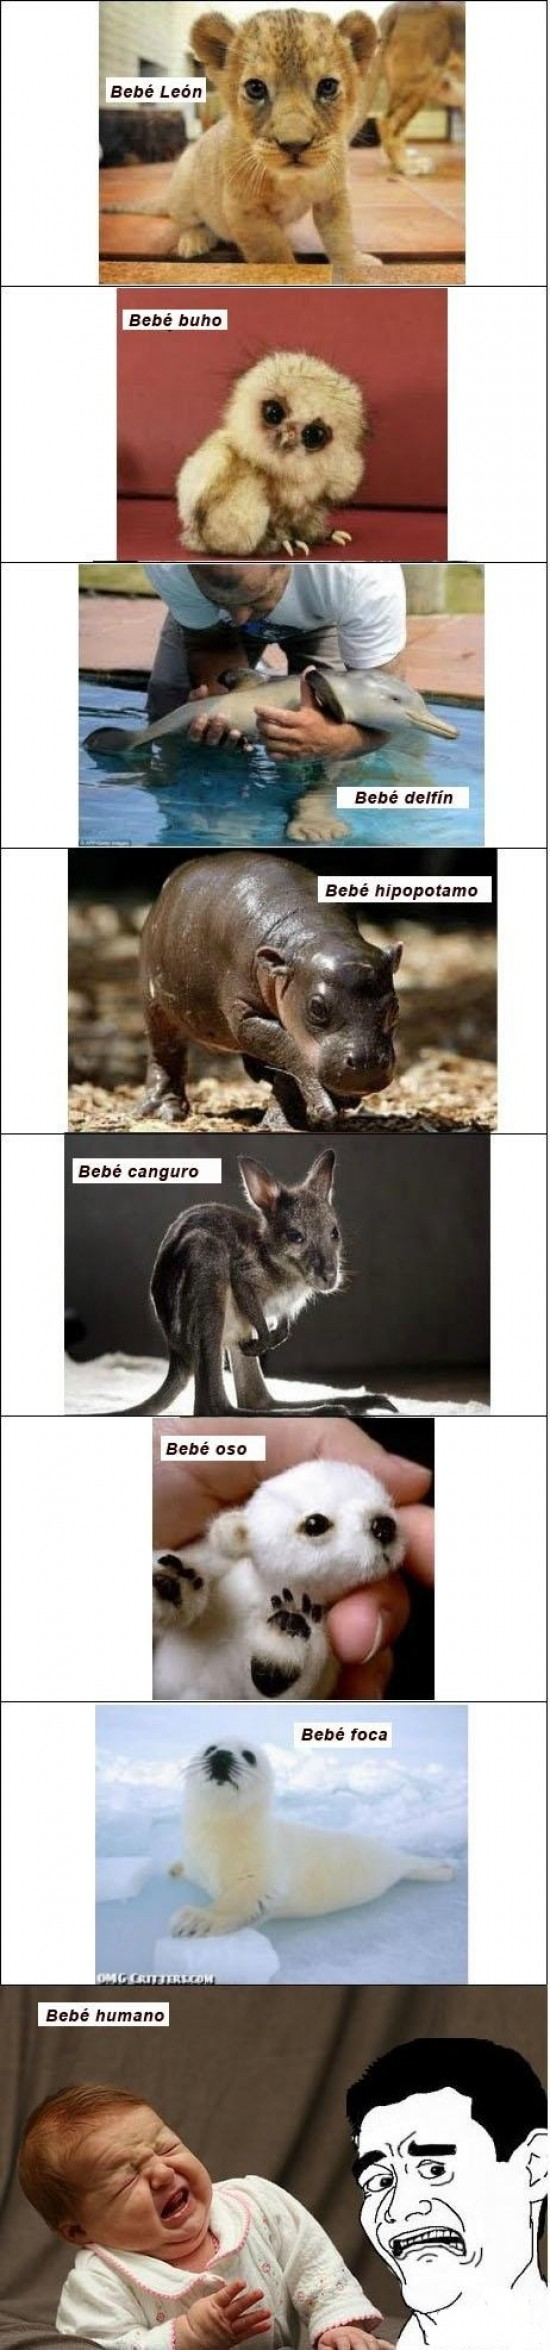 bebés animales,buho,canguro,delfín,foca,hipopotamo,humano,león,oso,yao ming